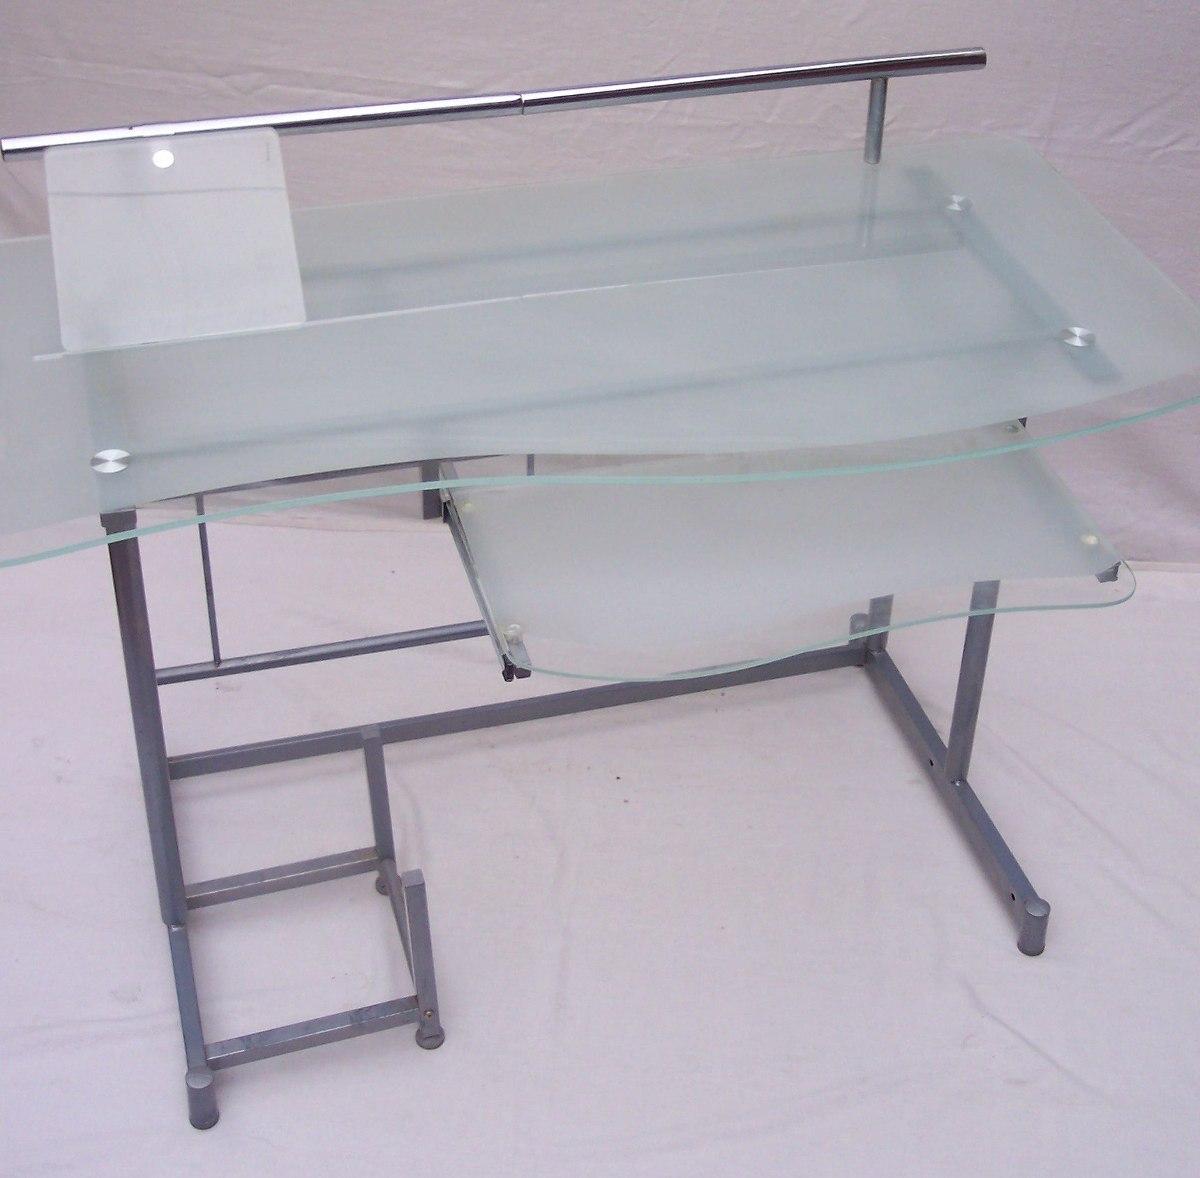 Mesa de cristal escritorio elegant mesa cristal y - Mesa escritorio cristal ikea ...